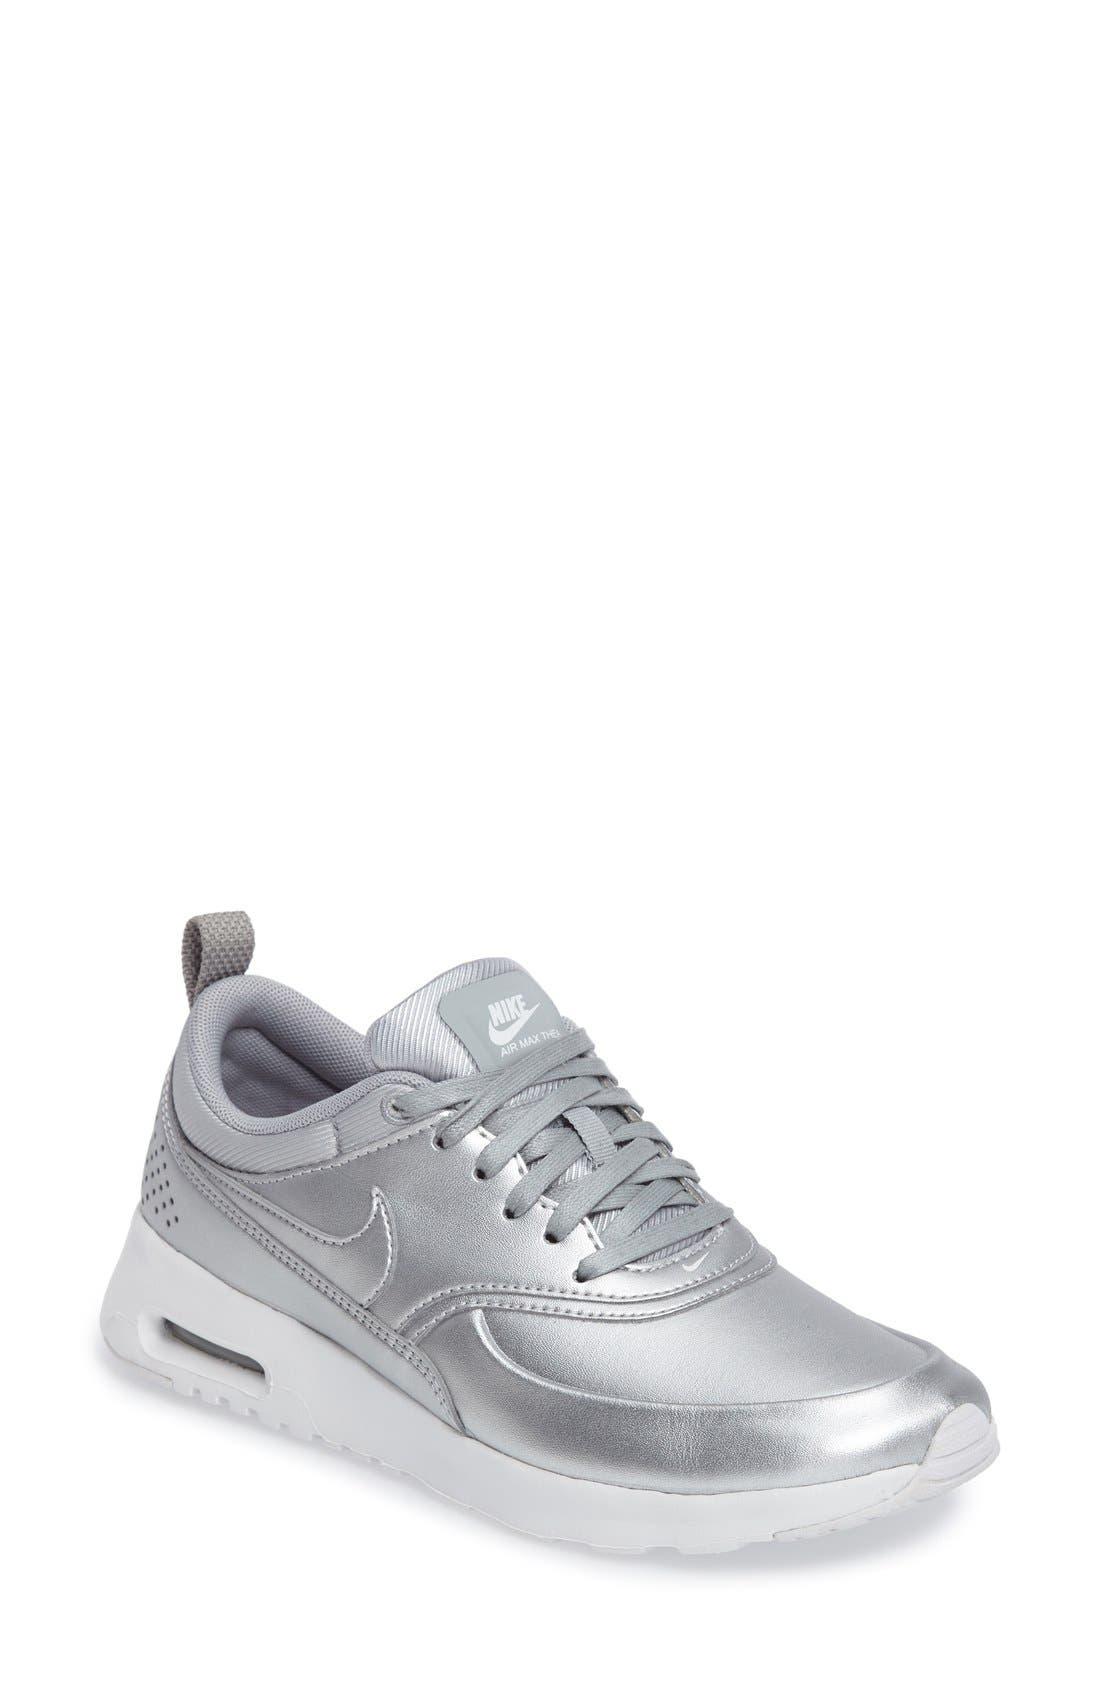 Alternate Image 1 Selected - Nike 'Air Max Thea SE' Sneaker (Women)